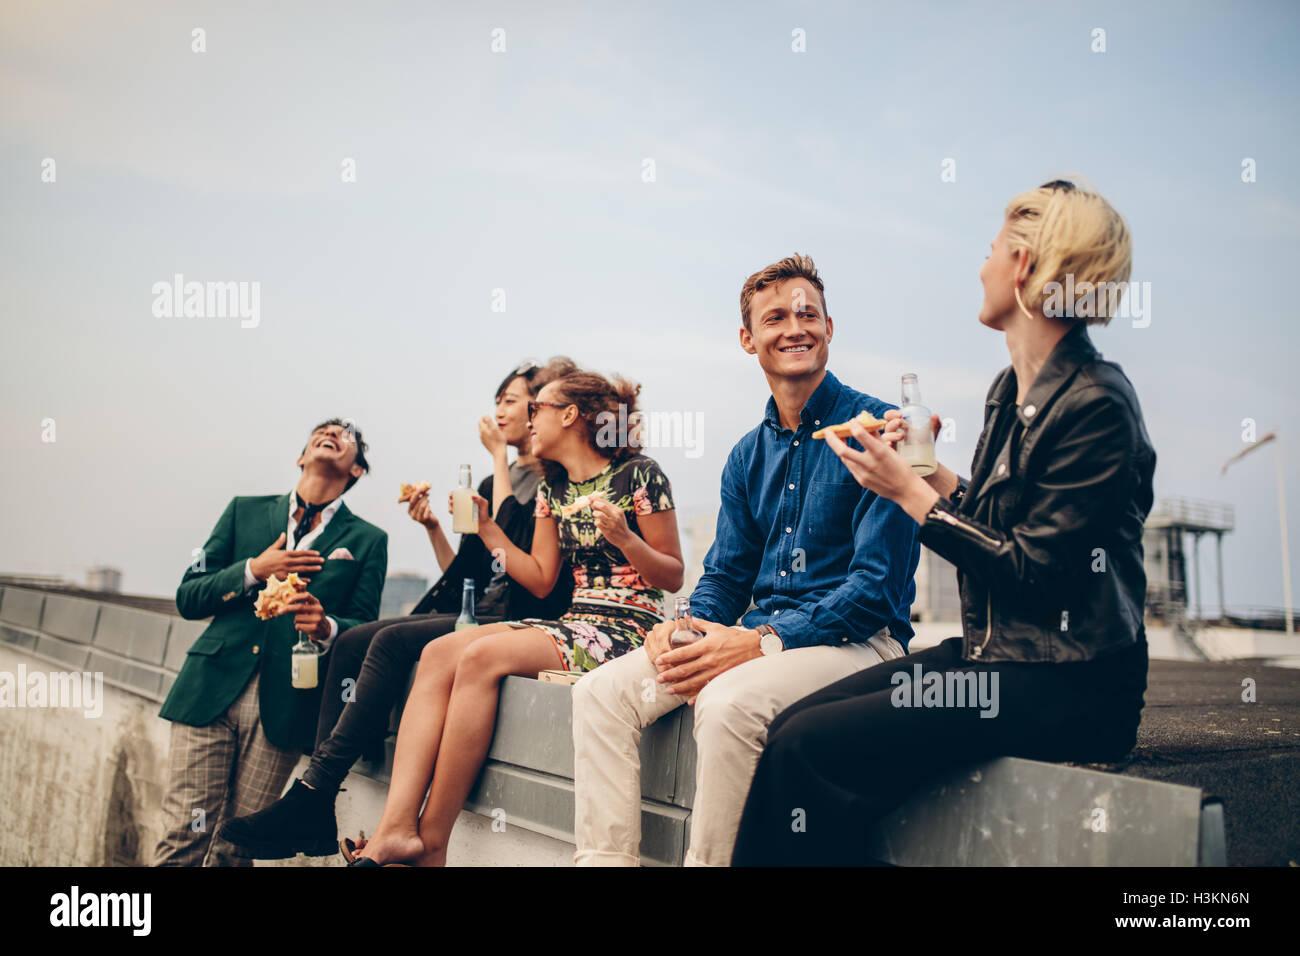 Un grupo de amigos, la fiesta en la terraza, bebiendo y comiendo. Los jóvenes, hombres y mujeres, y disfrutar Imagen De Stock